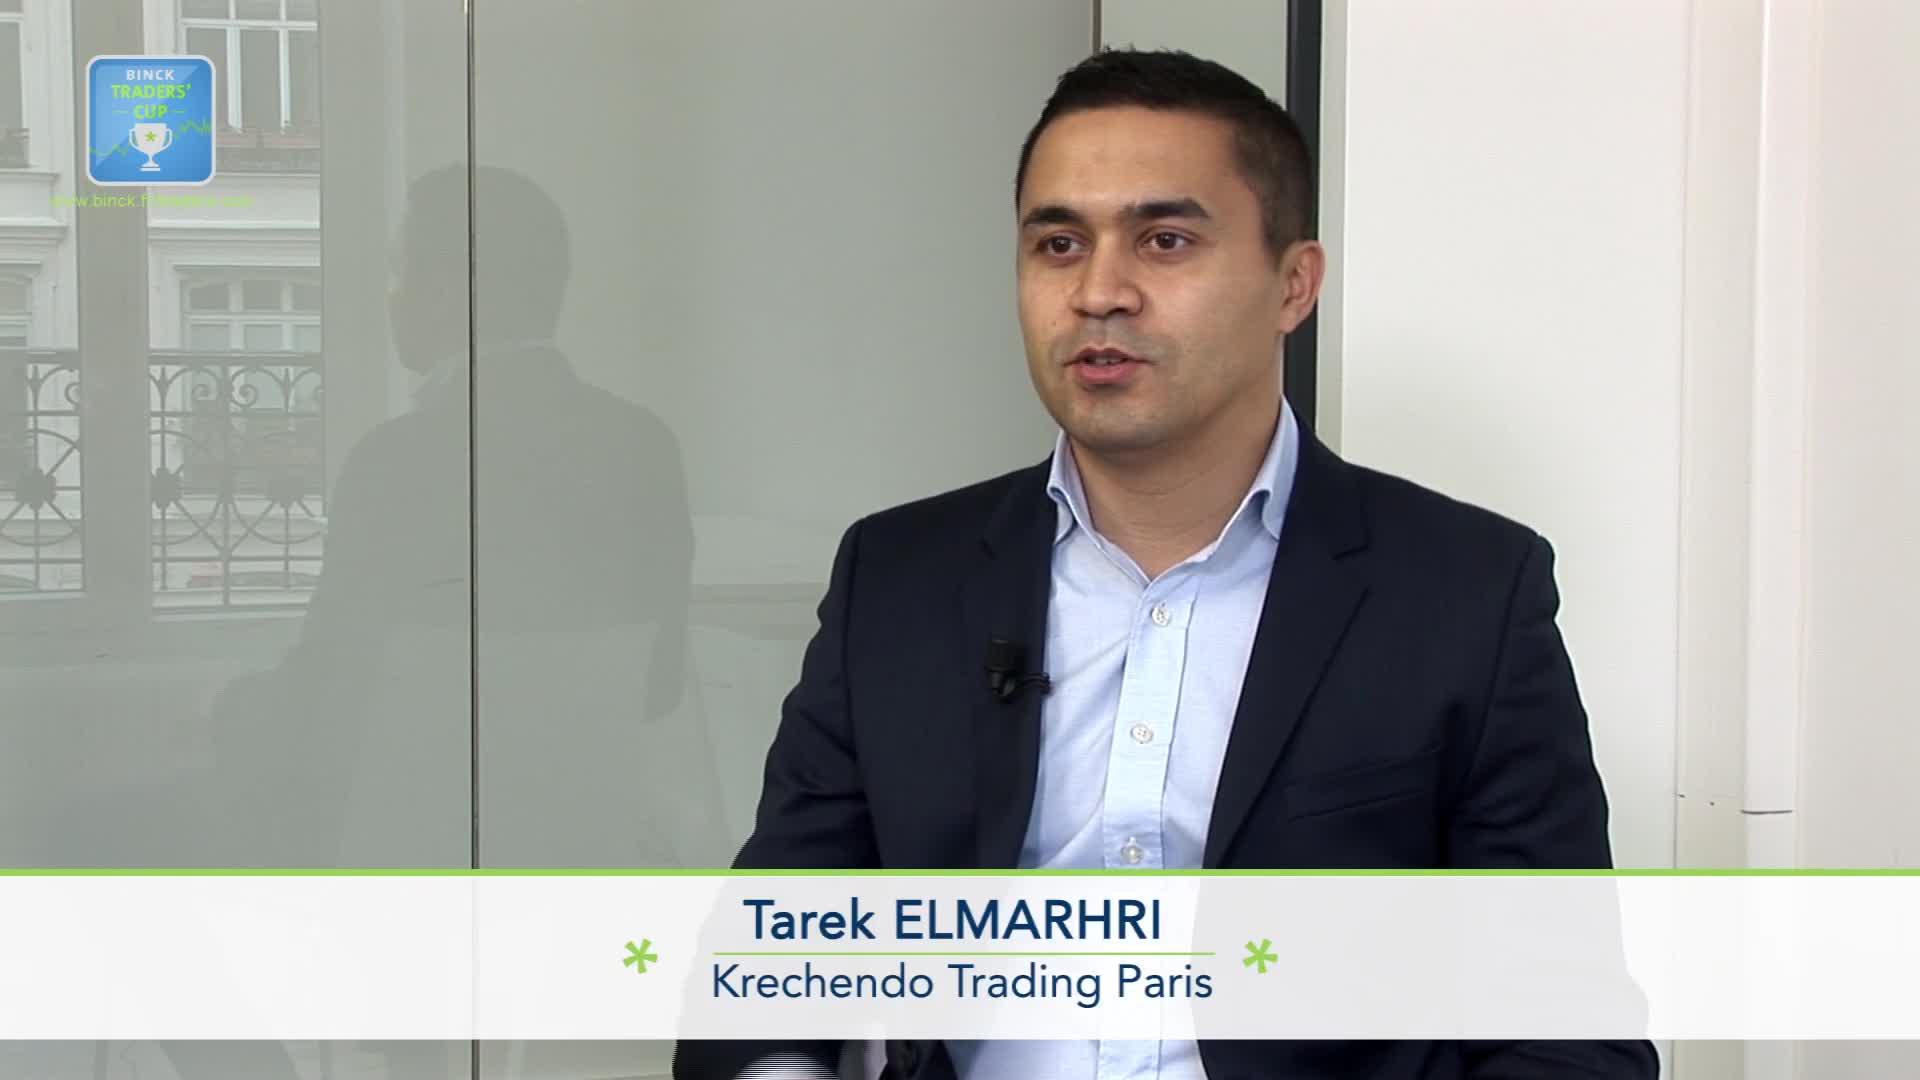 """Tarek Elmarhri (Krechendo Trading Paris) : """"Regarder l'actualité économique et s'adapter rapidement"""""""